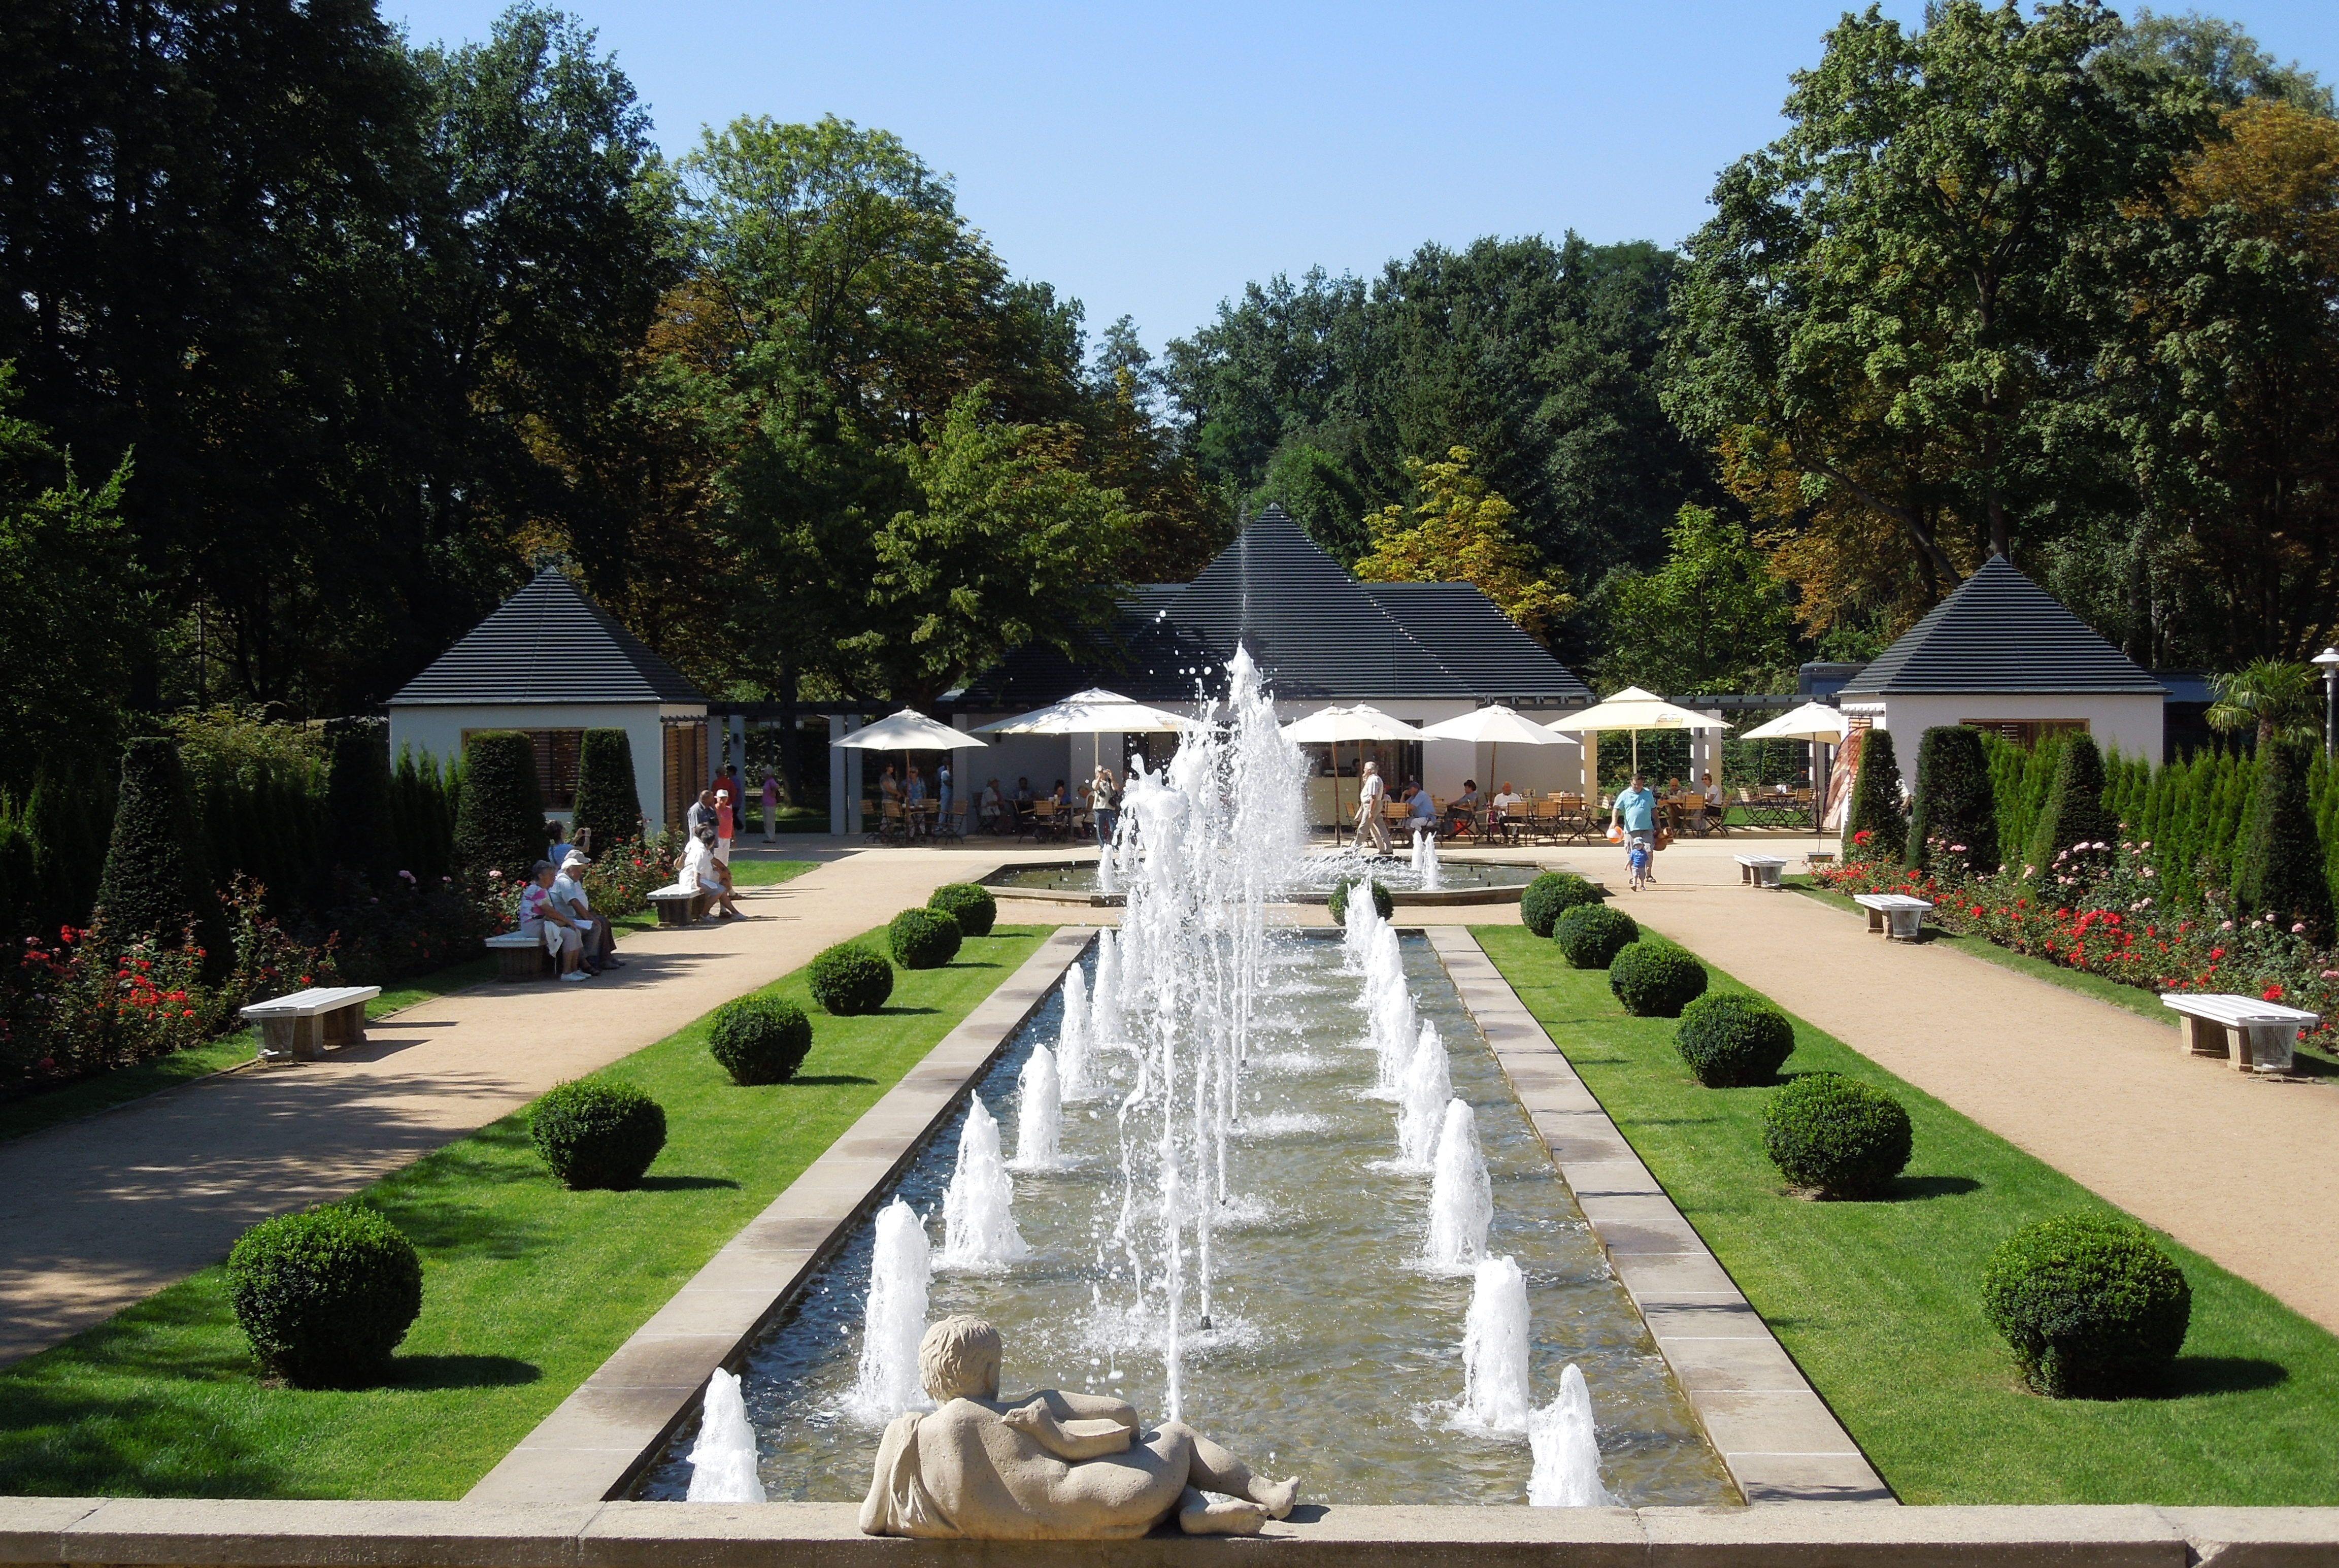 Fotos gratis : casa, Pasarela, piscina, parque, patio interior ...